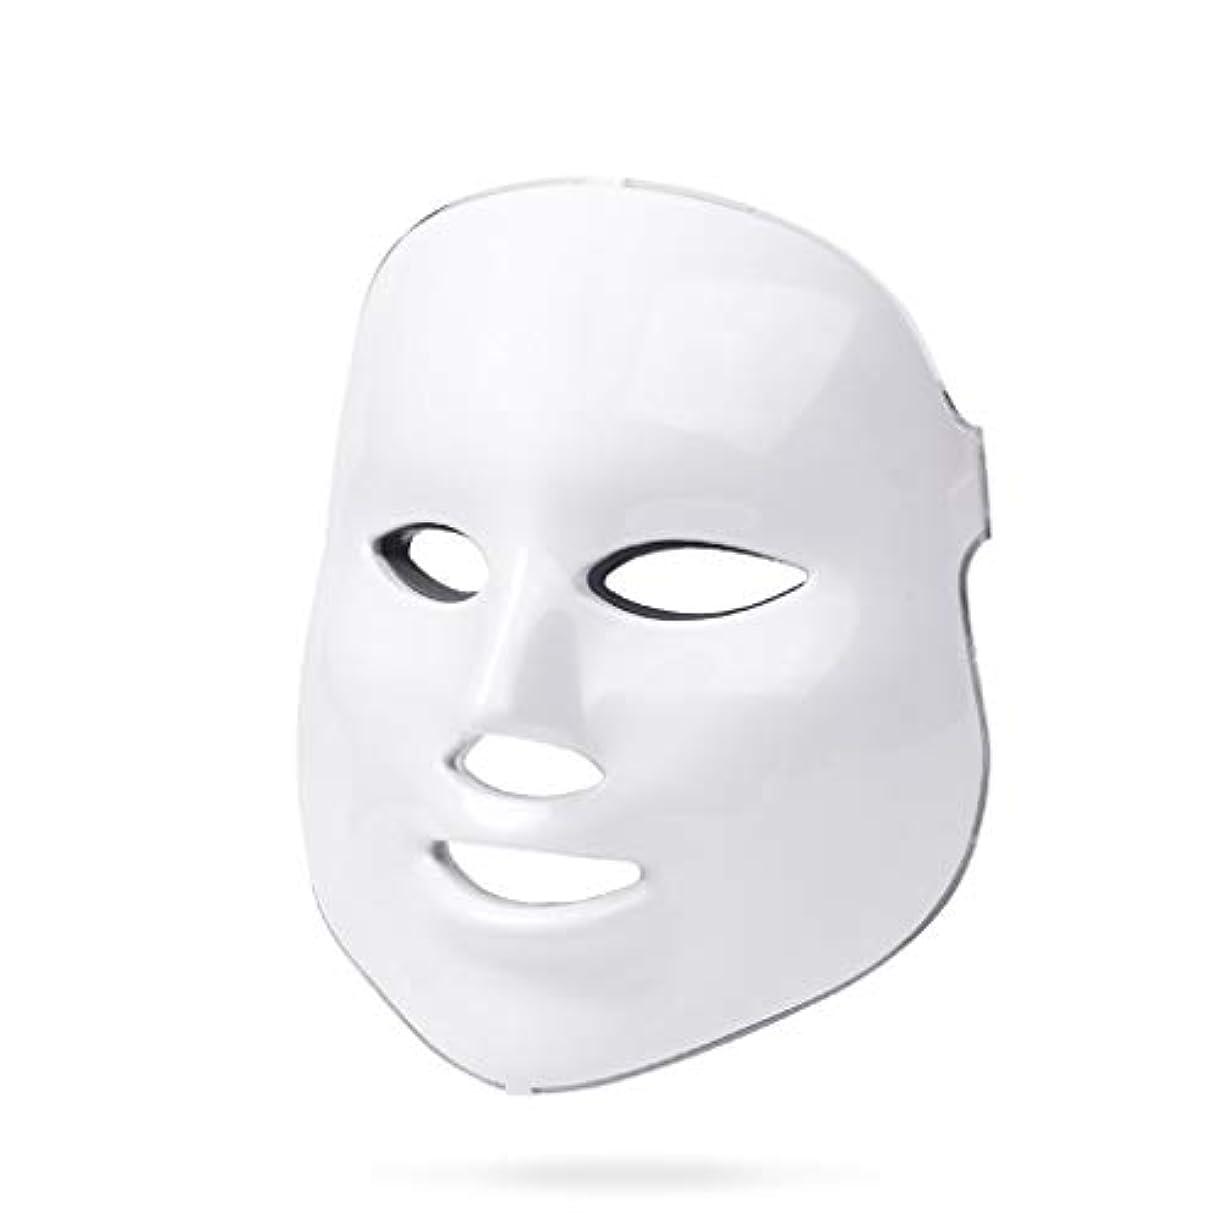 航空機優勢八ライトセラピー?マスク、ライトセラピーは調色、しわ、アクネホワイトニングマスクフェイシャルマスクセラピー7色のアンチエイジングスキンケアライトセラピーにきびを率いにきび治療をマスク (Color : White)